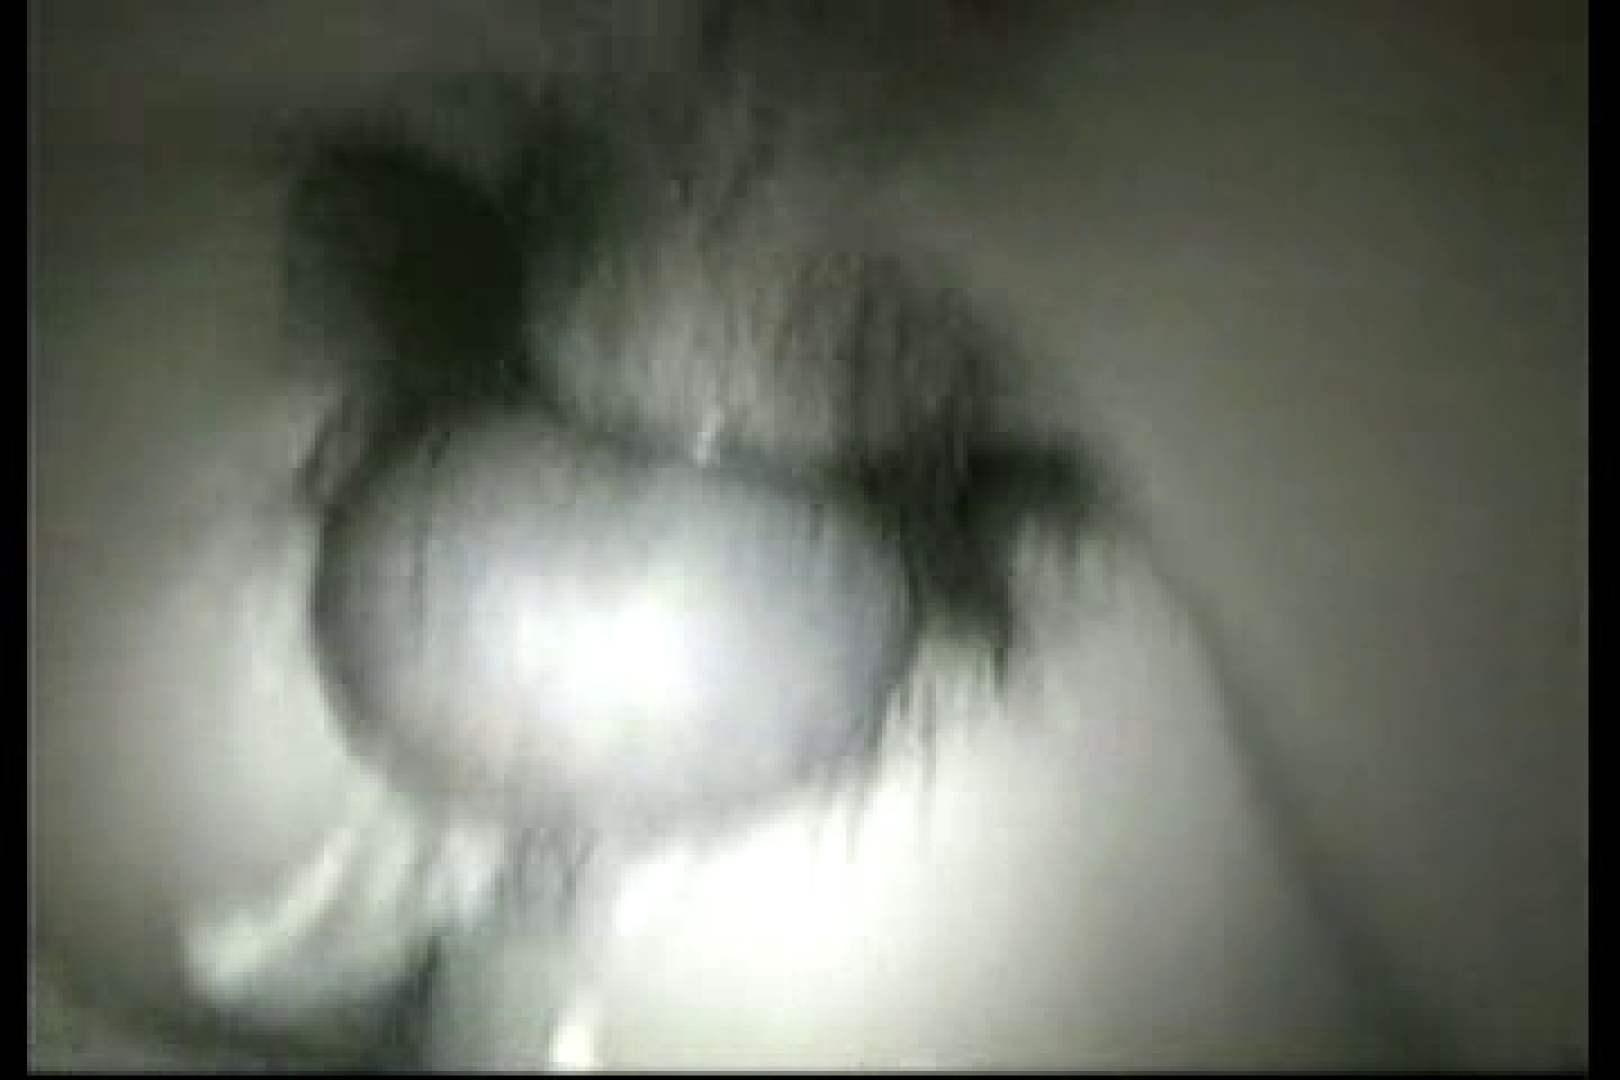 【流出自画撮】とにかく凄いぜ!!ケツまんFighters!! Vol.08 フェラ ゲイ素人エロ画像 79枚 75